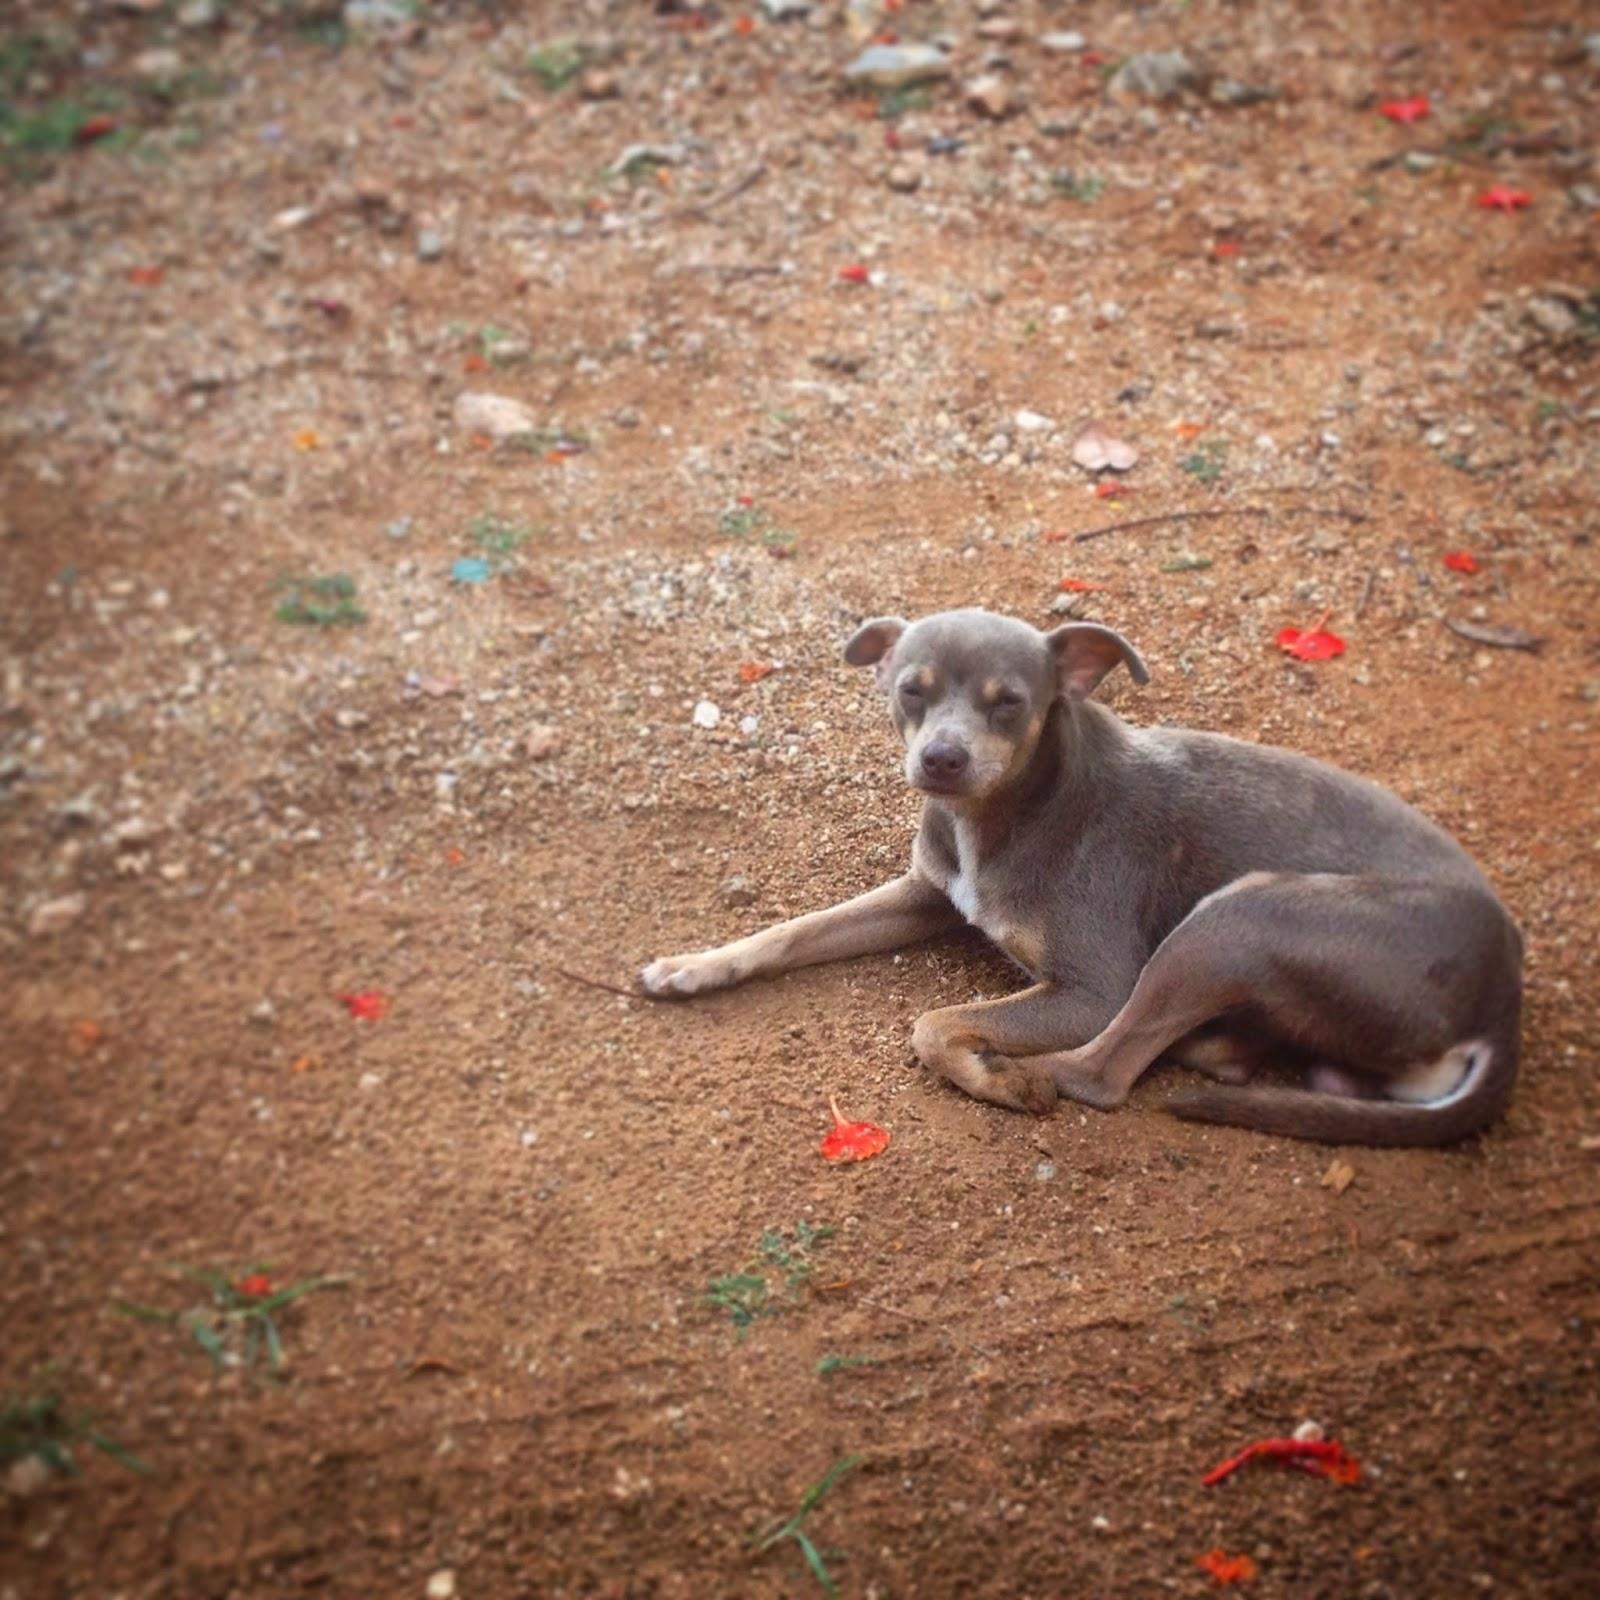 Nuestro amigo de Santa Elena, Yucatán, Pakal, a diferencia de otros lugares los perros de la zona maya están sueltos y son muy tranquilos. Al no estar amarrados apenas ladran y no son agresivos. Las zonas que aun no han recibido influencias de la cultura europea aun conservan un gran respeto por la naturaleza y los animales